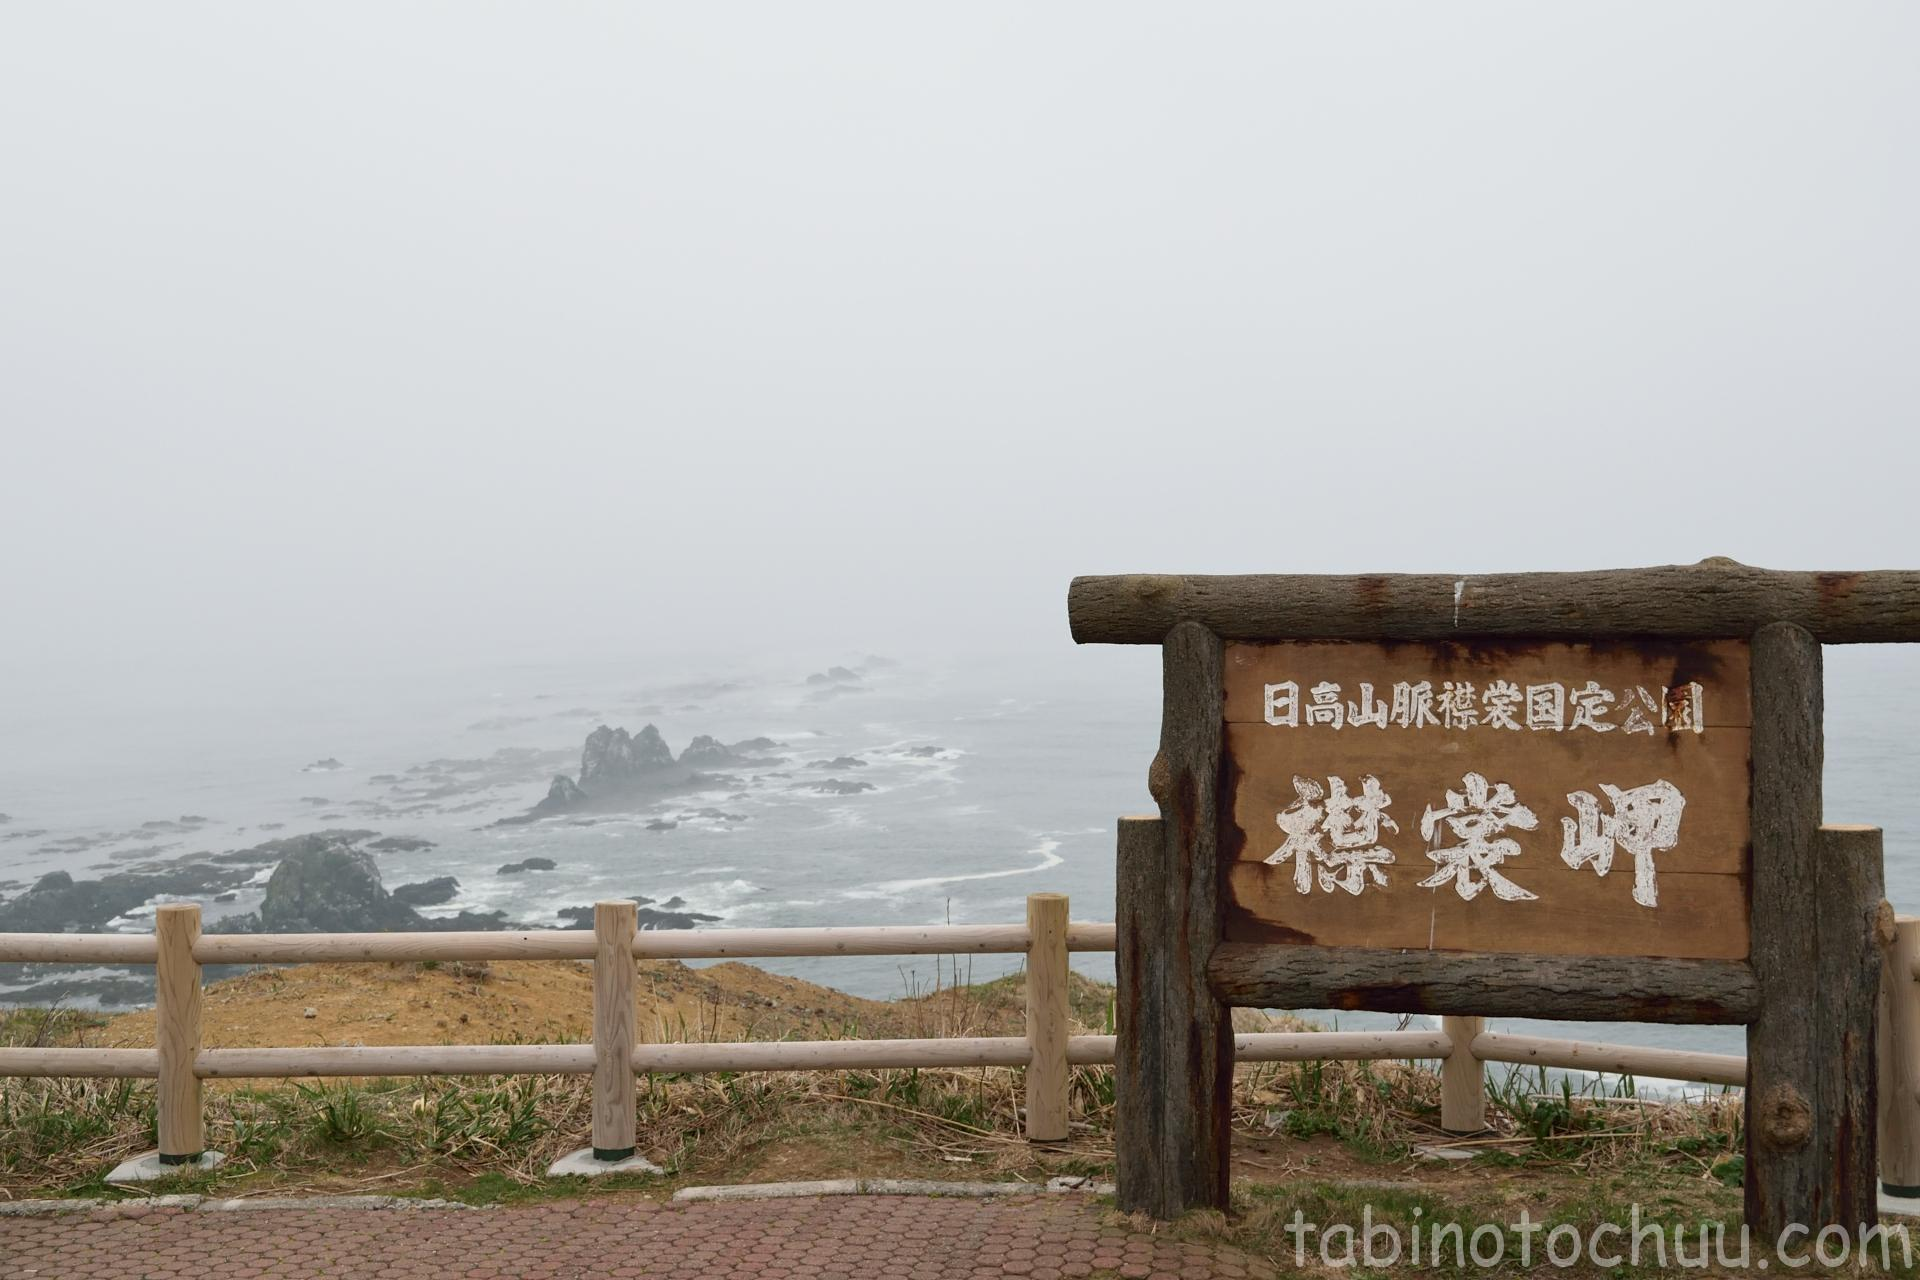 【札幌発】北海道の絶景観光スポットを巡る1週間の旅行onキャンプ泊「費用も全公開」5日目